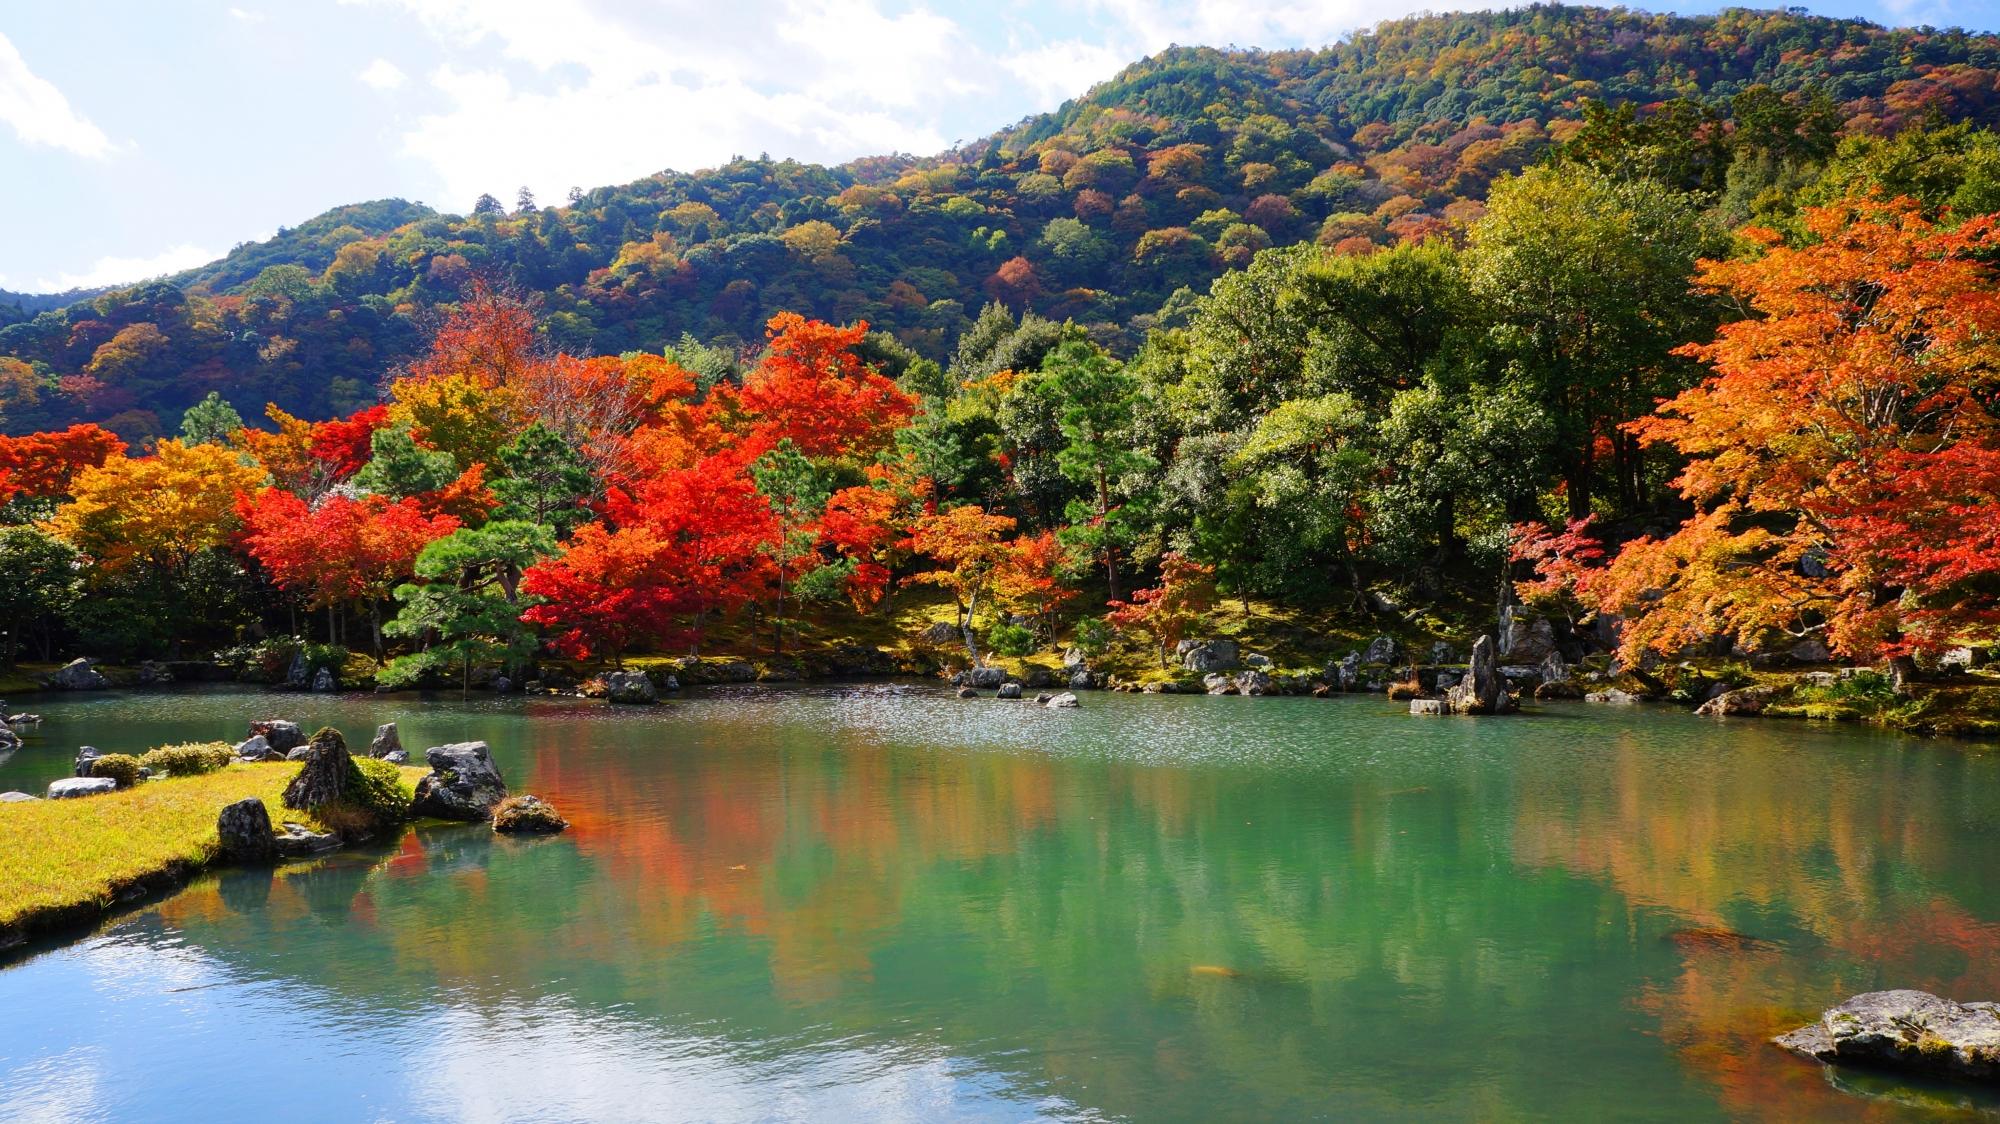 天龍寺 紅葉 嵐山の美しい庭園と鮮やかなもみじ